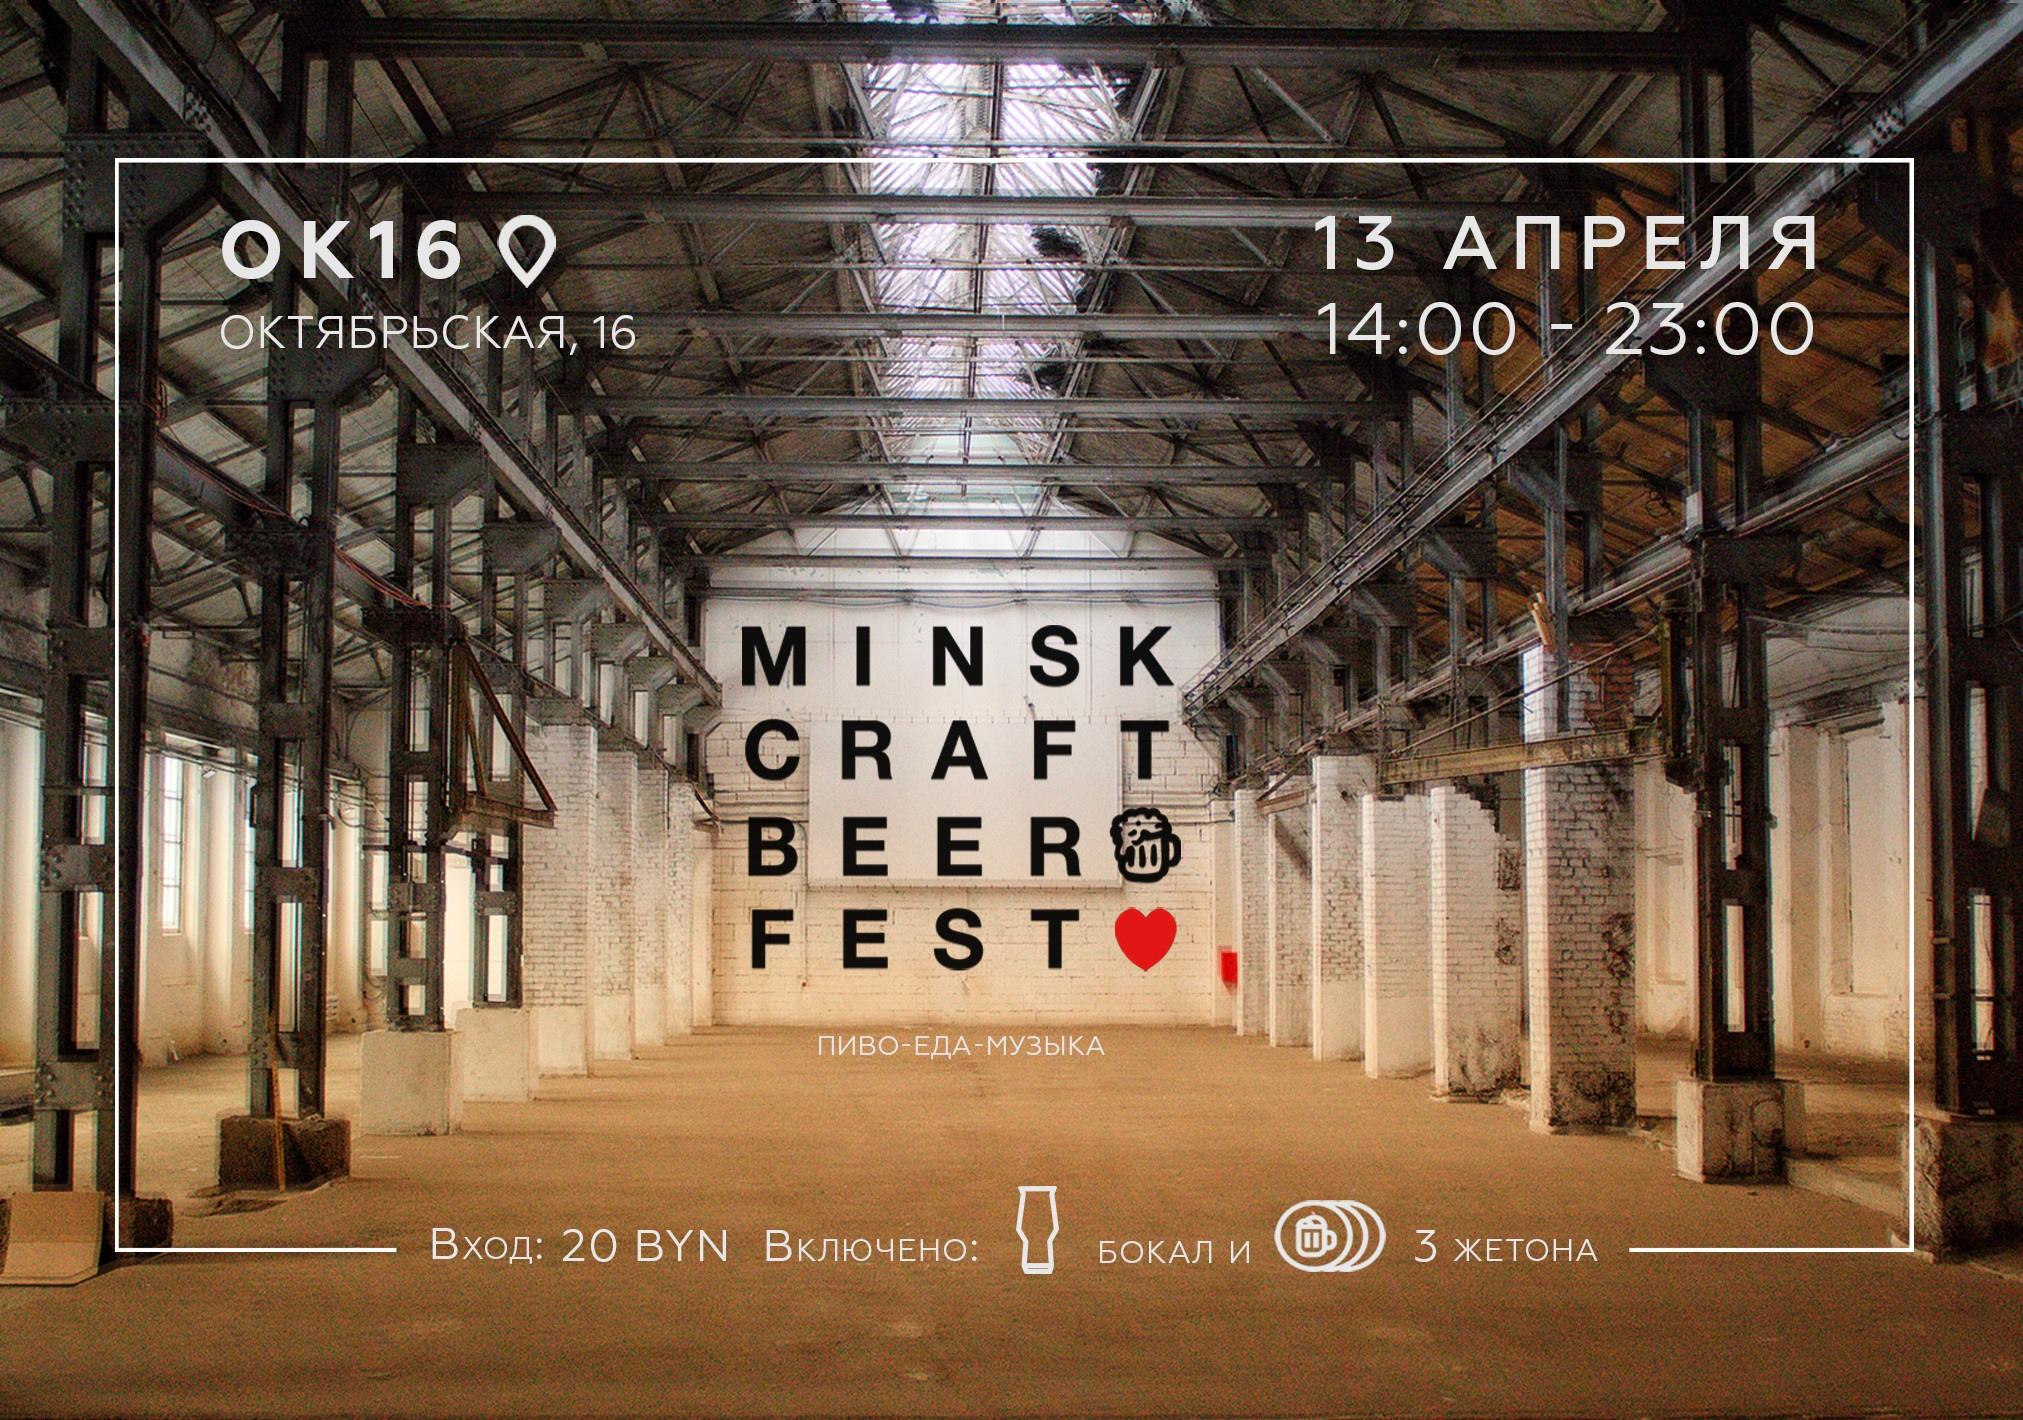 13 апреля в Минске пройдет пятый Minsk Craft Beer Fest